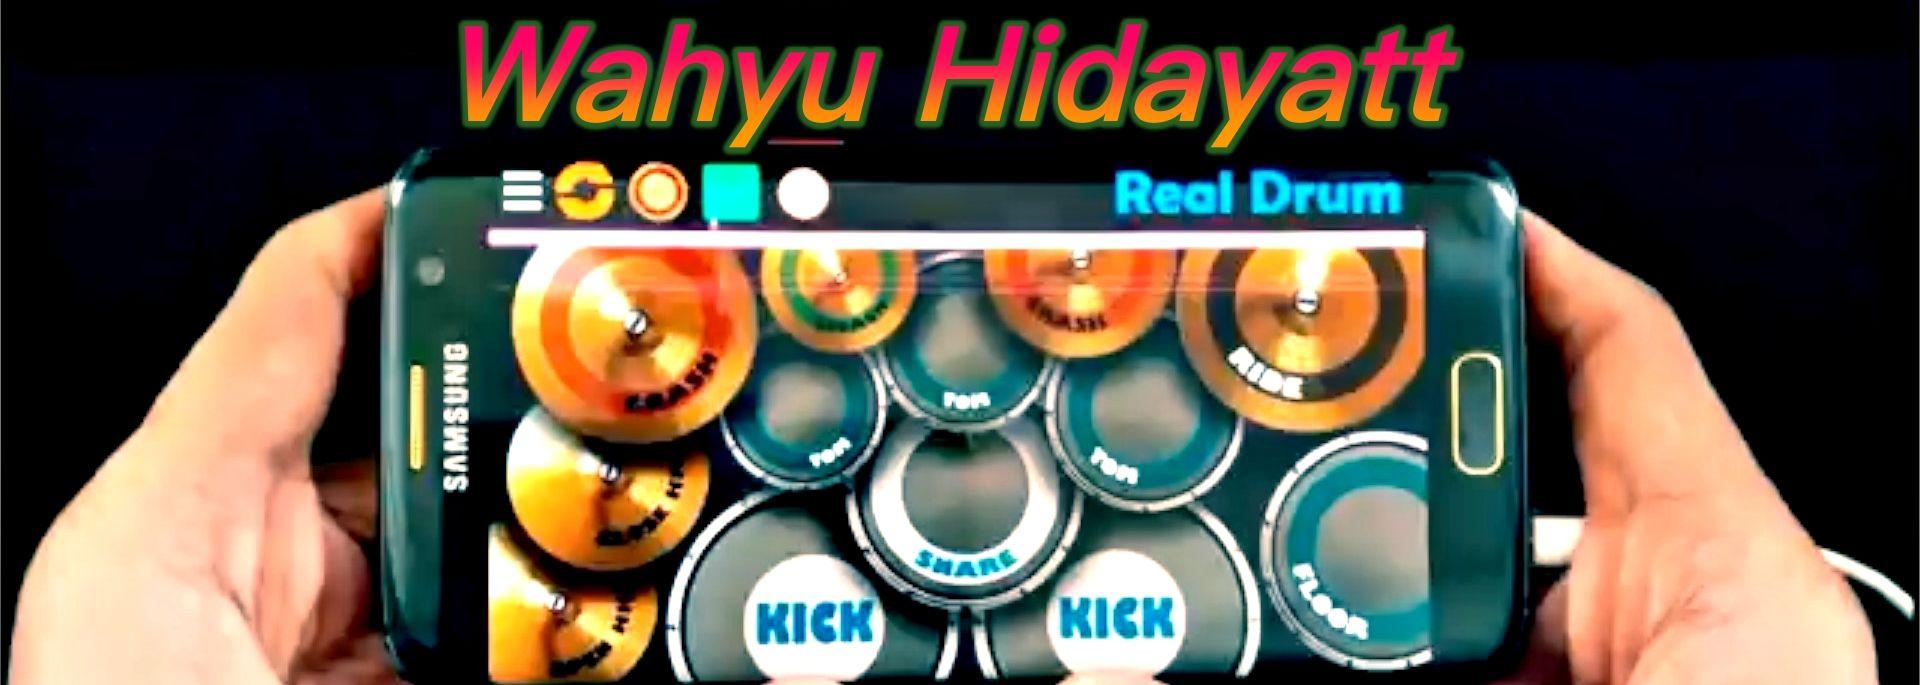 Wahyu Hidayatt channel